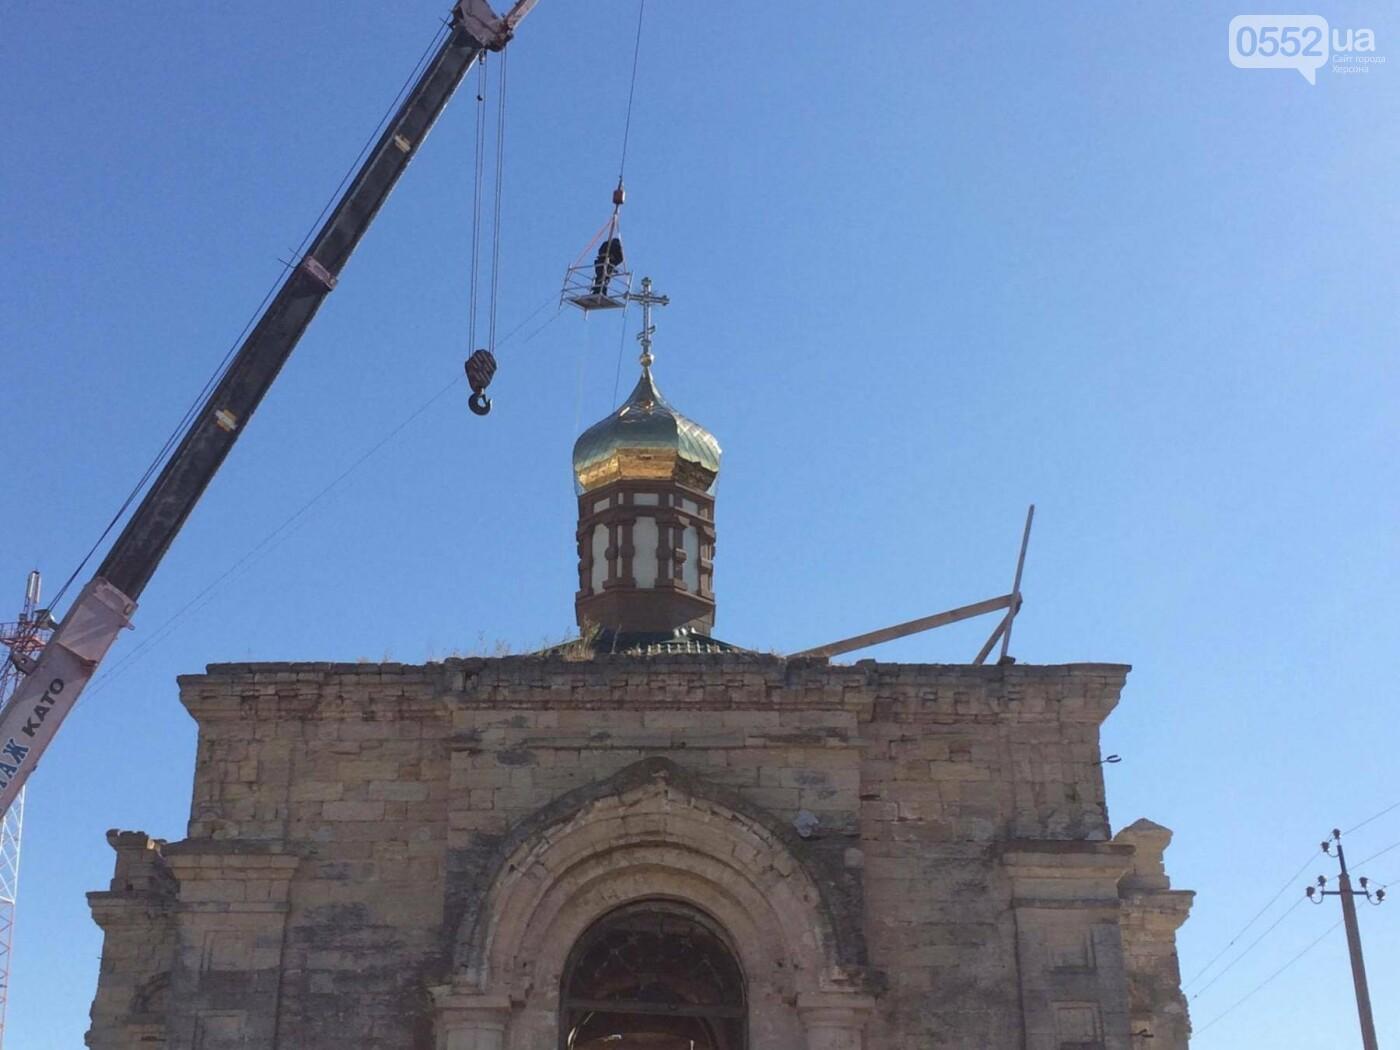 На Херсонщине восстанавливают православные святыни, фото-2